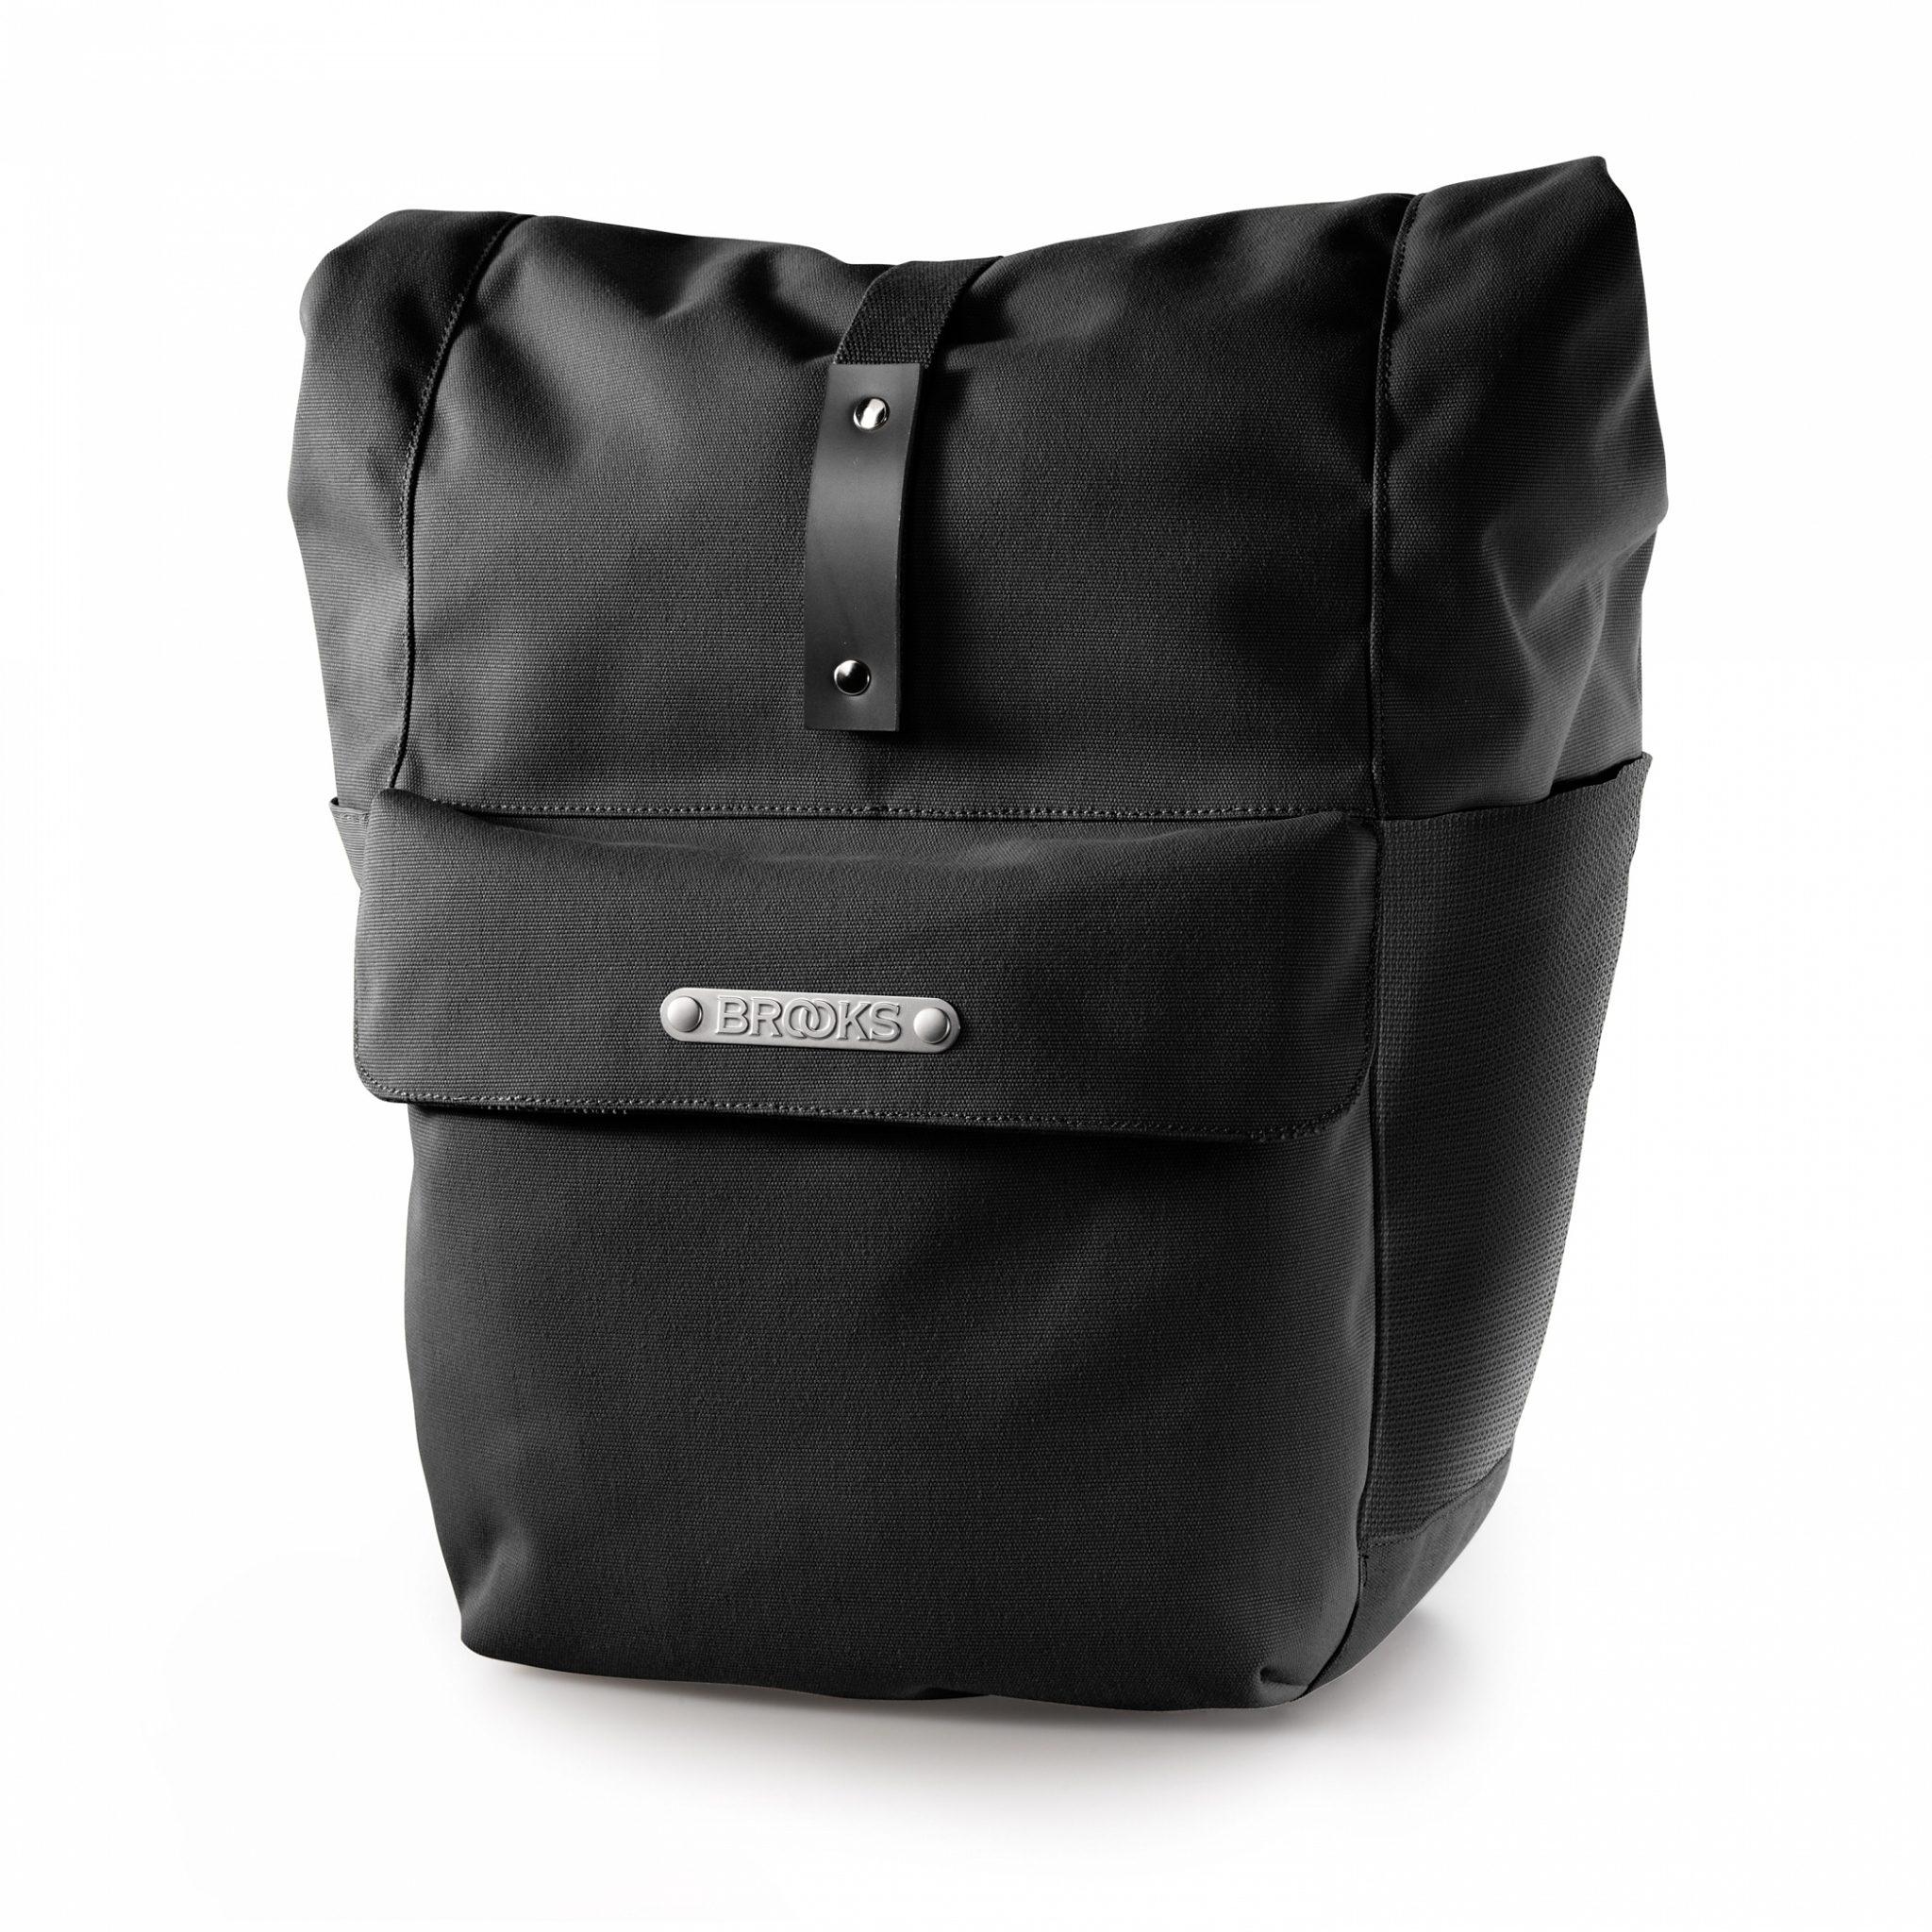 Brooks Gepäckträgertasche »Suffolk Rear Travel Panniers«